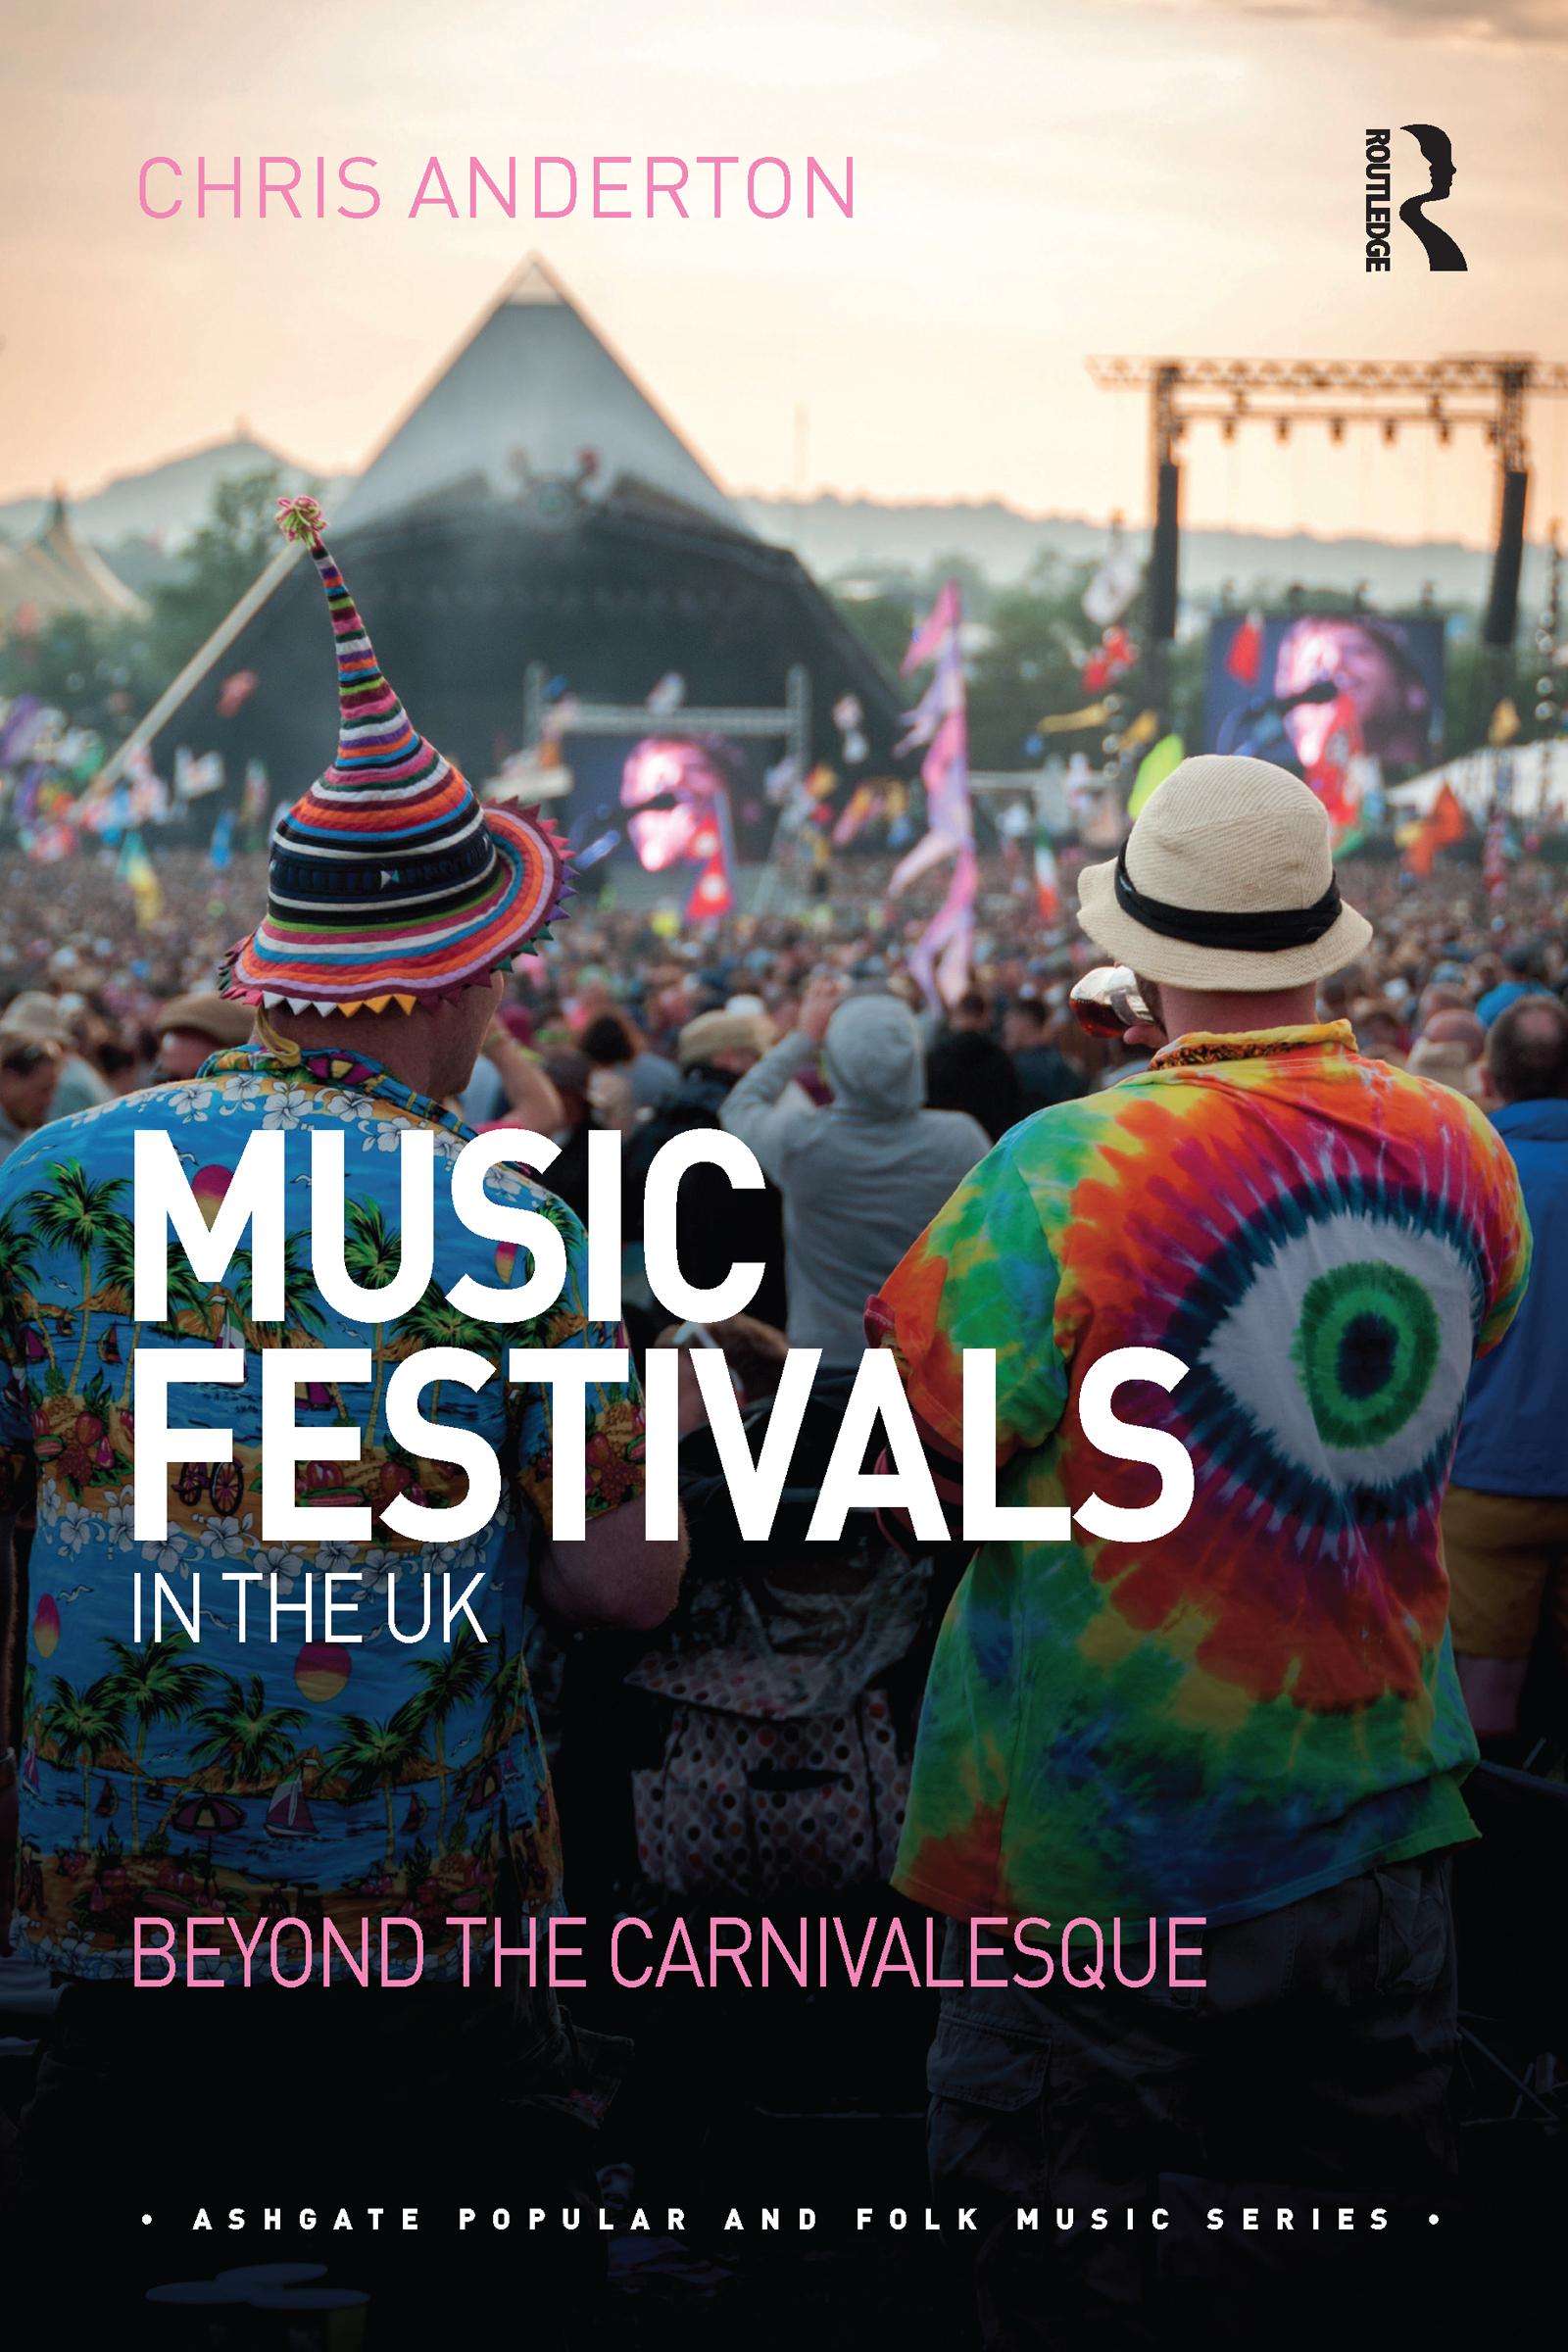 Music Festivals in the UK